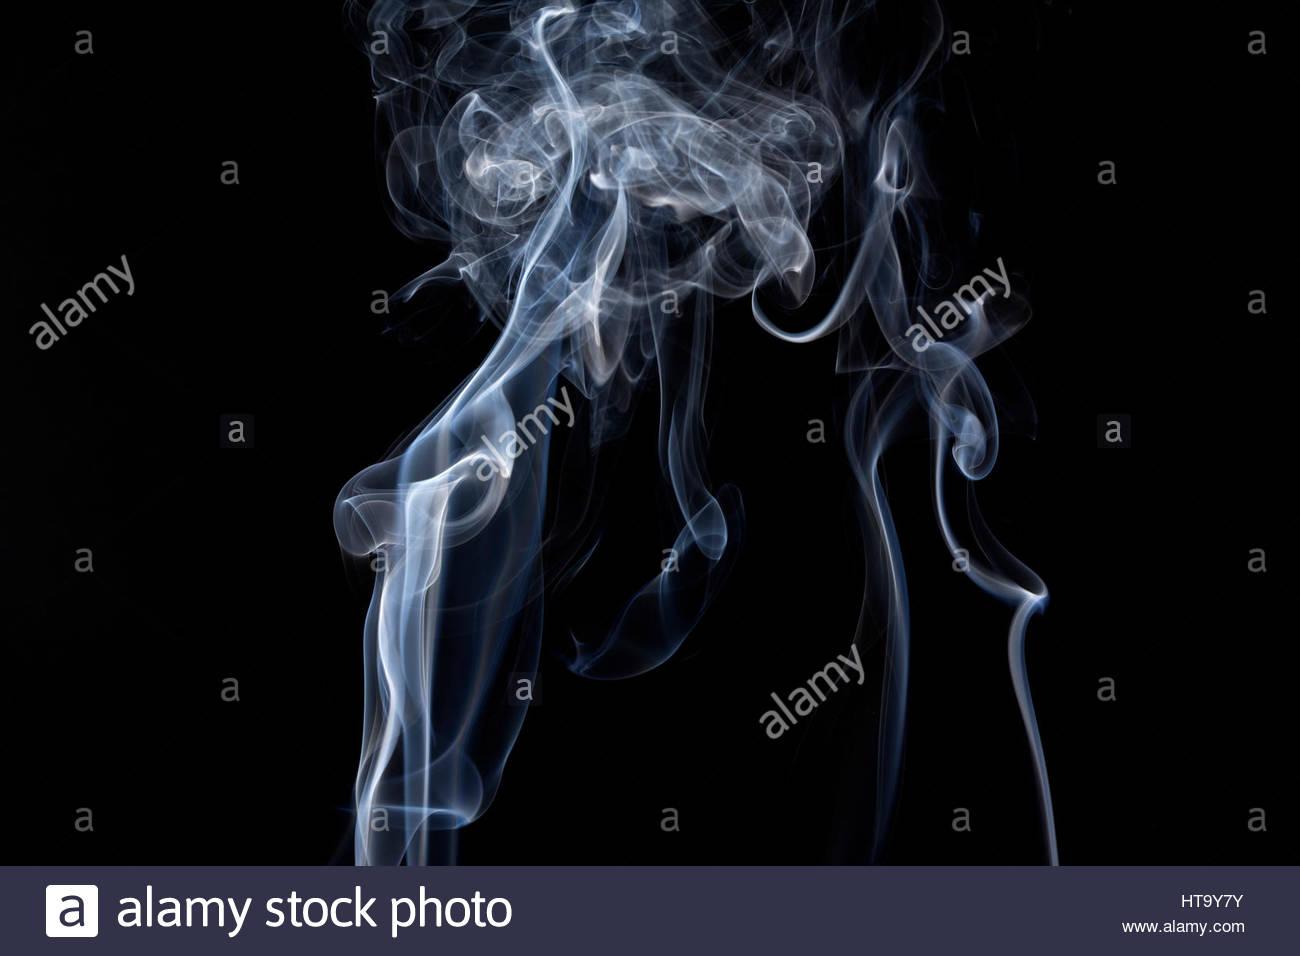 smoke photograph - Stock Image